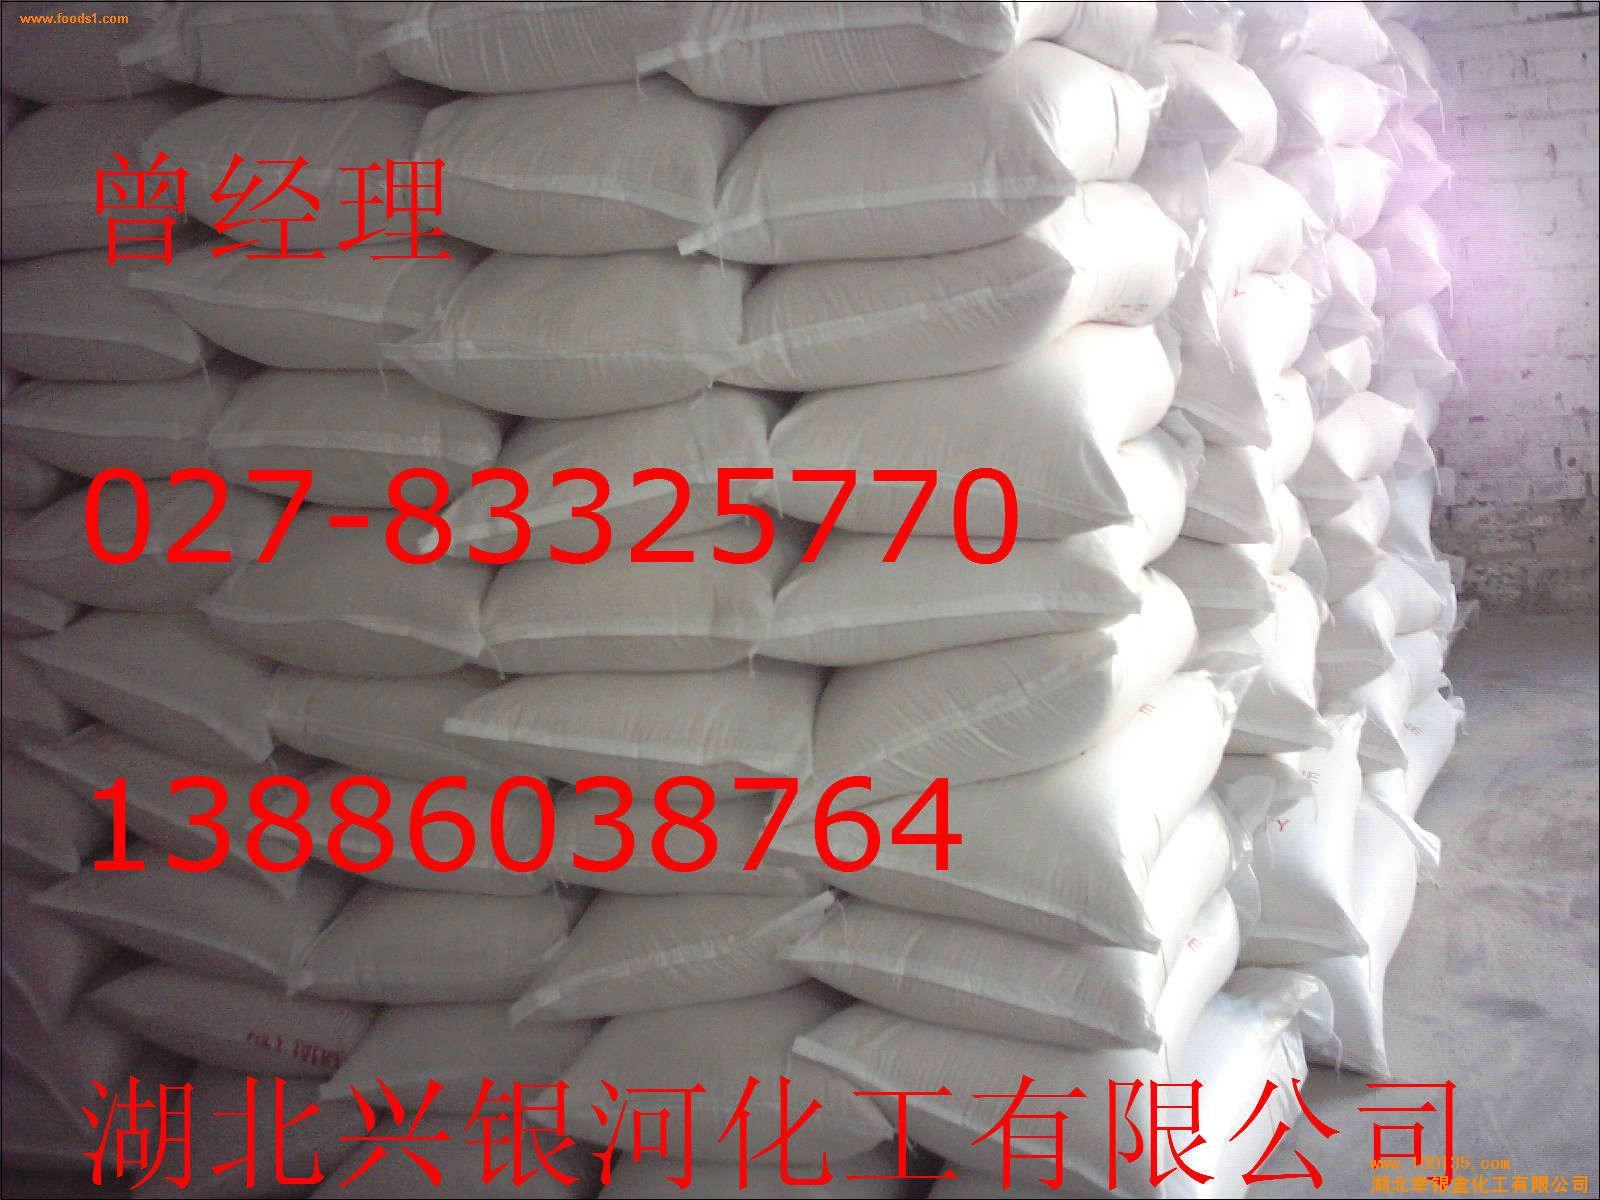 甲酸钙 原料 药 厂家报价 , 甲酸钙 原料药厂家报